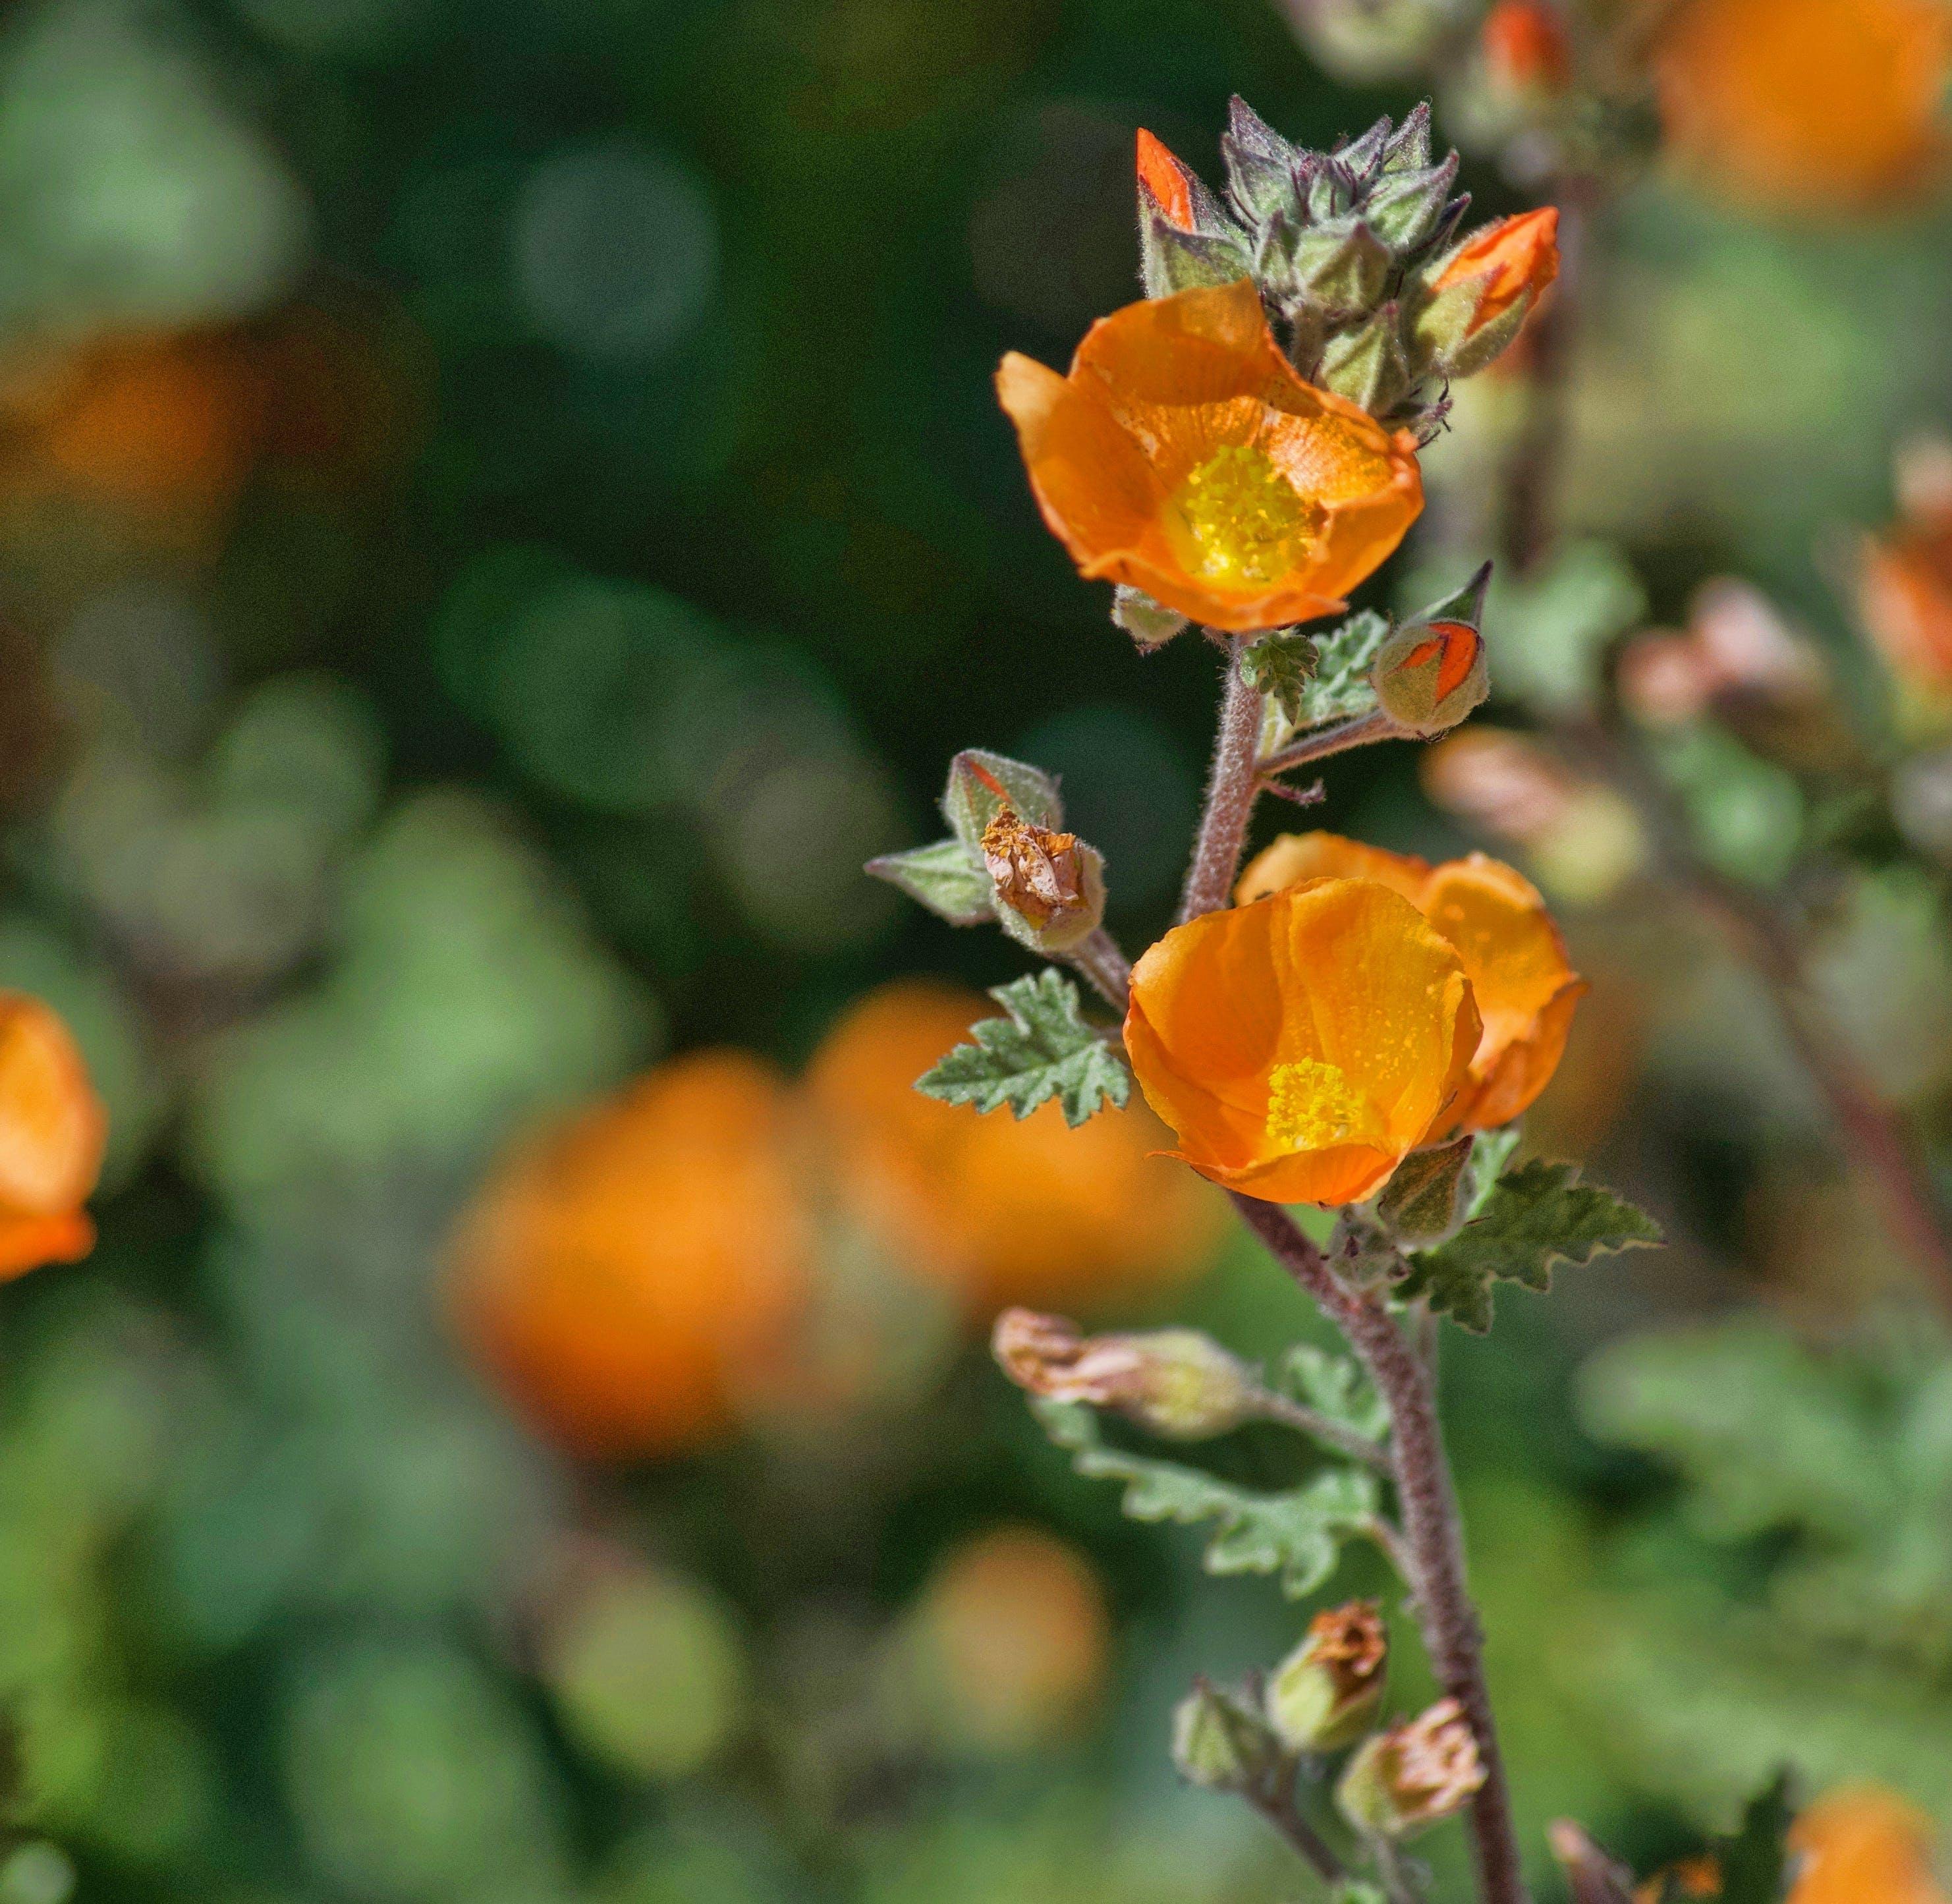 Kostenloses Stock Foto zu orange, orange blume, orange wildblumen, schönheit in der natur